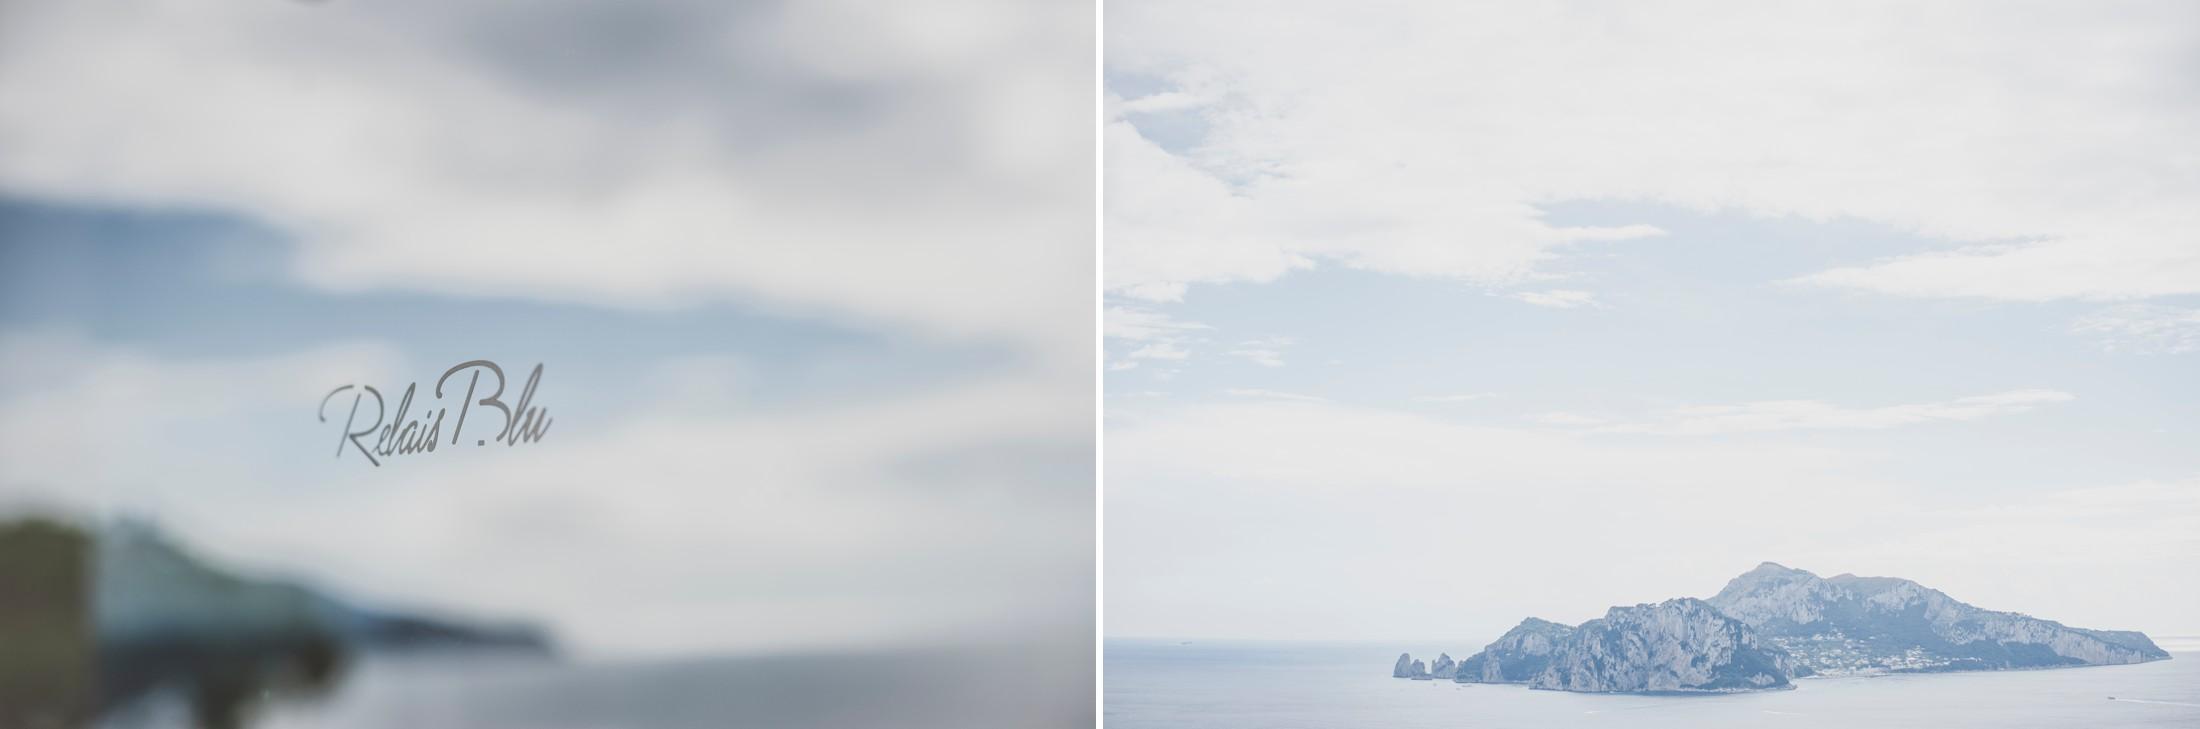 sorrento wedding collage landscapes